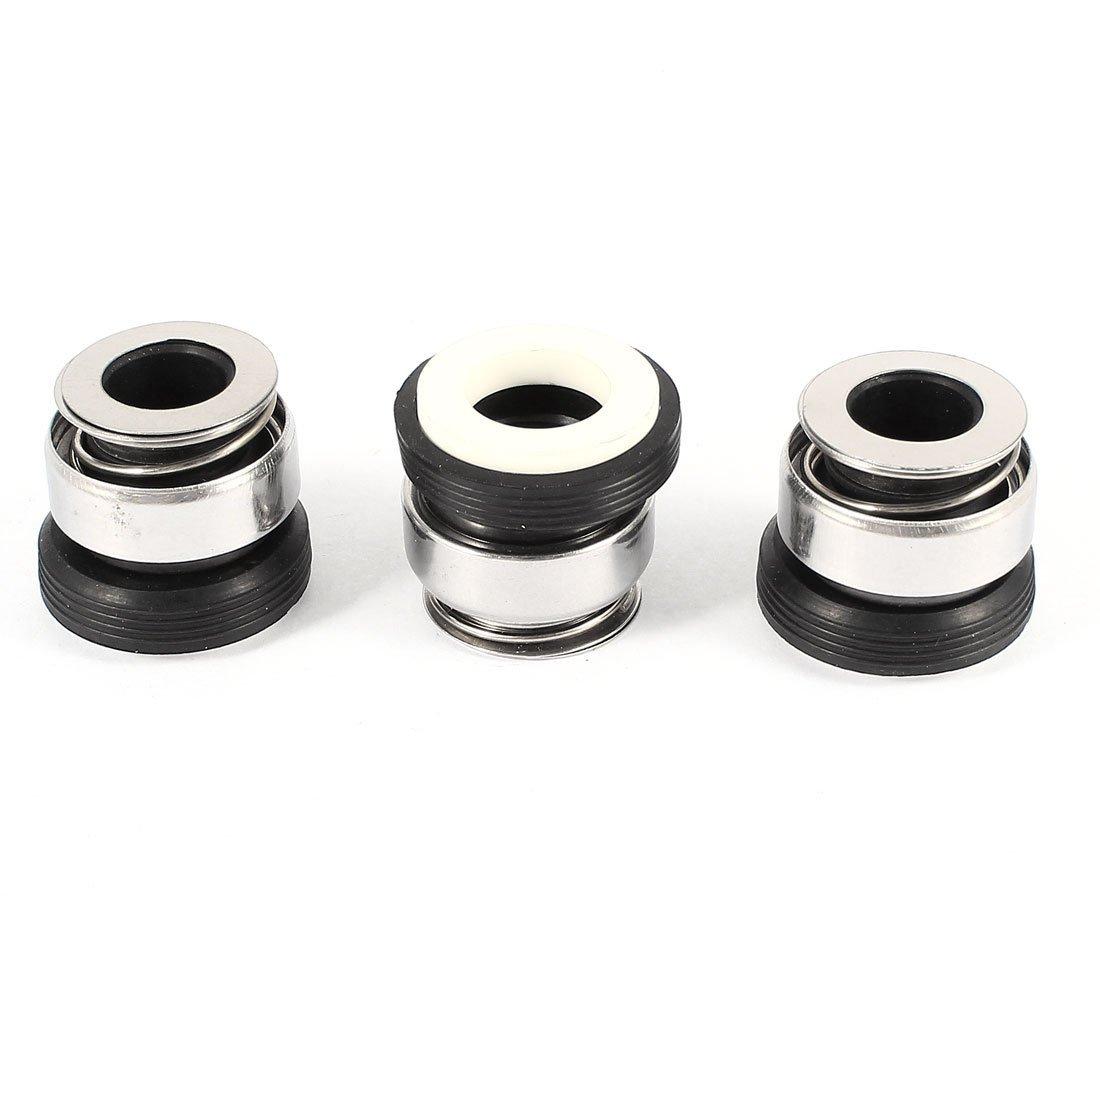 Sourcingmap              3 mảnh gốm sứ nhẫn 12 mm đường kính trong máy bơm trục sealing